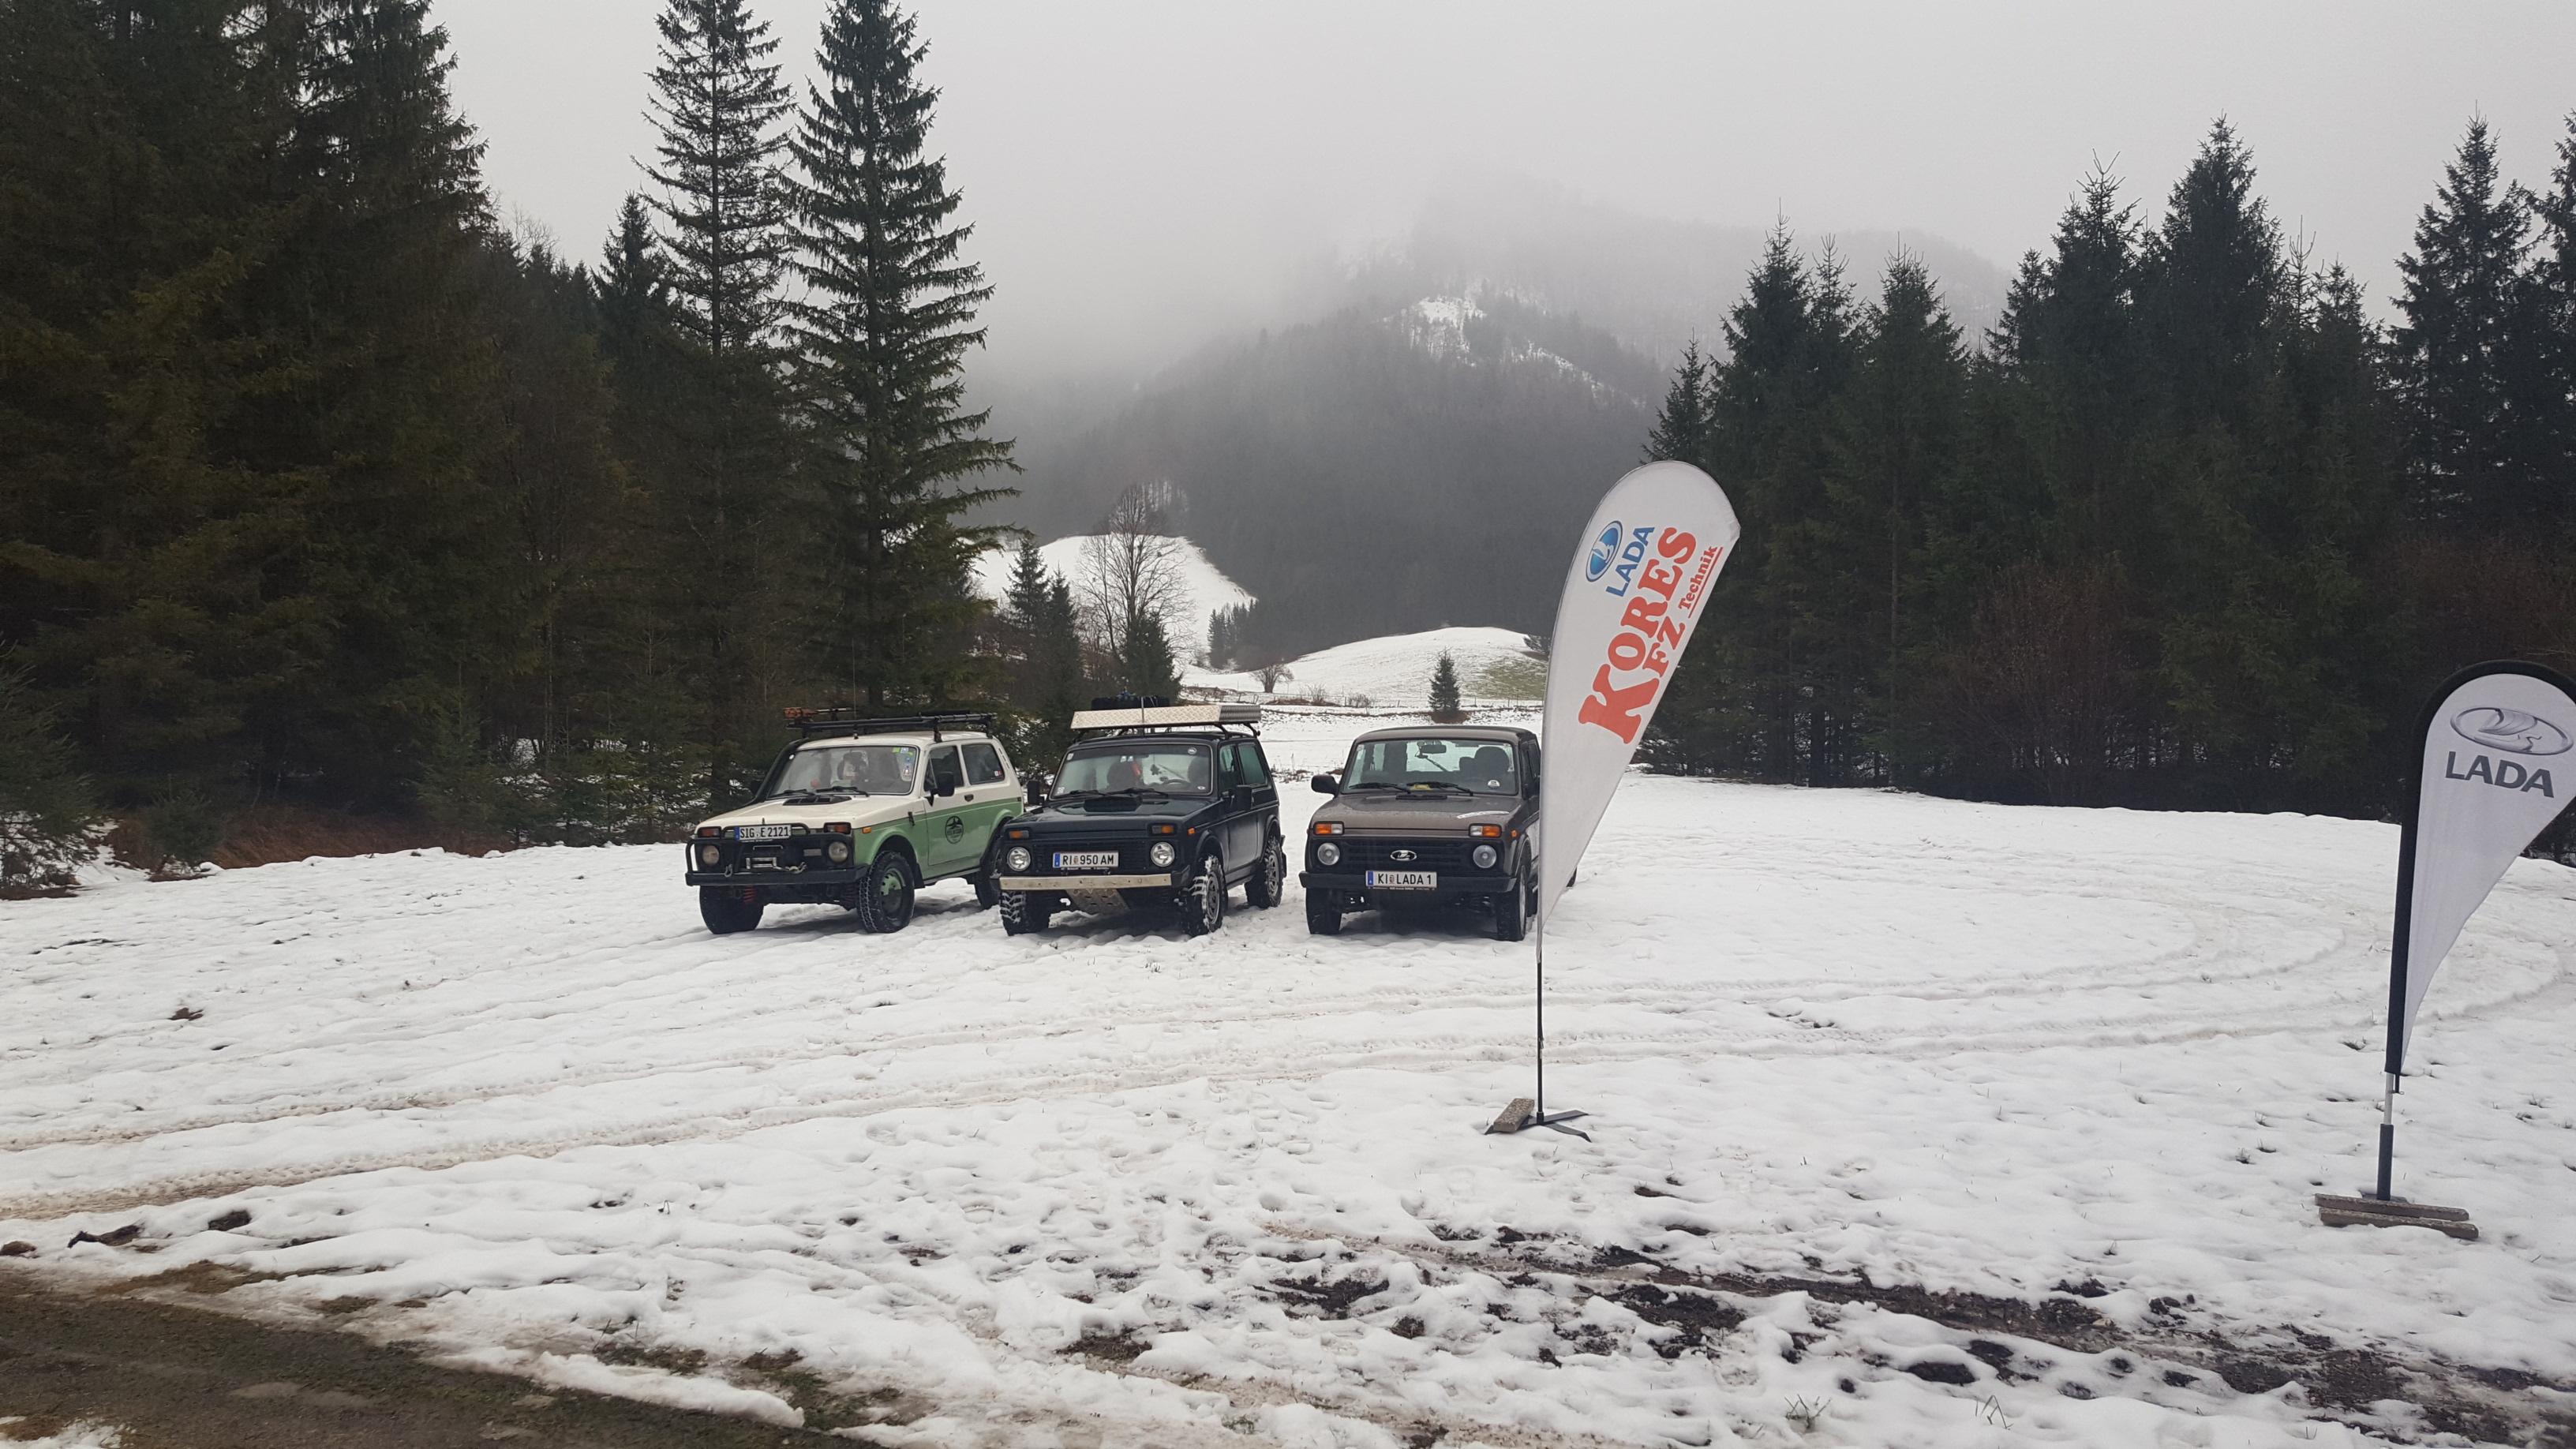 Impressionen Vom Winterlichen Treffen In Molln Dezember 2017